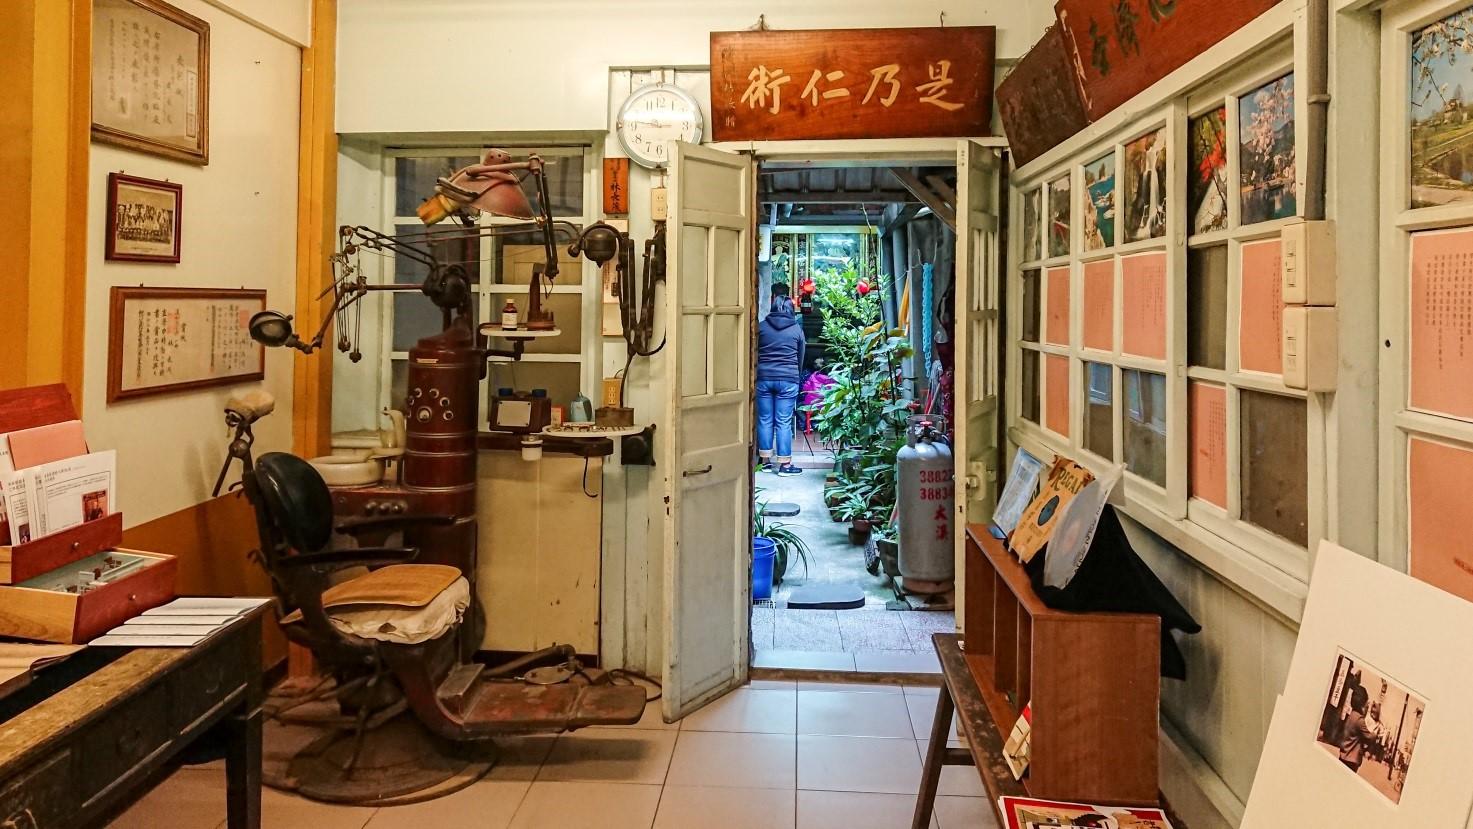 【博物之島專文】什麼是現地保存?大溪木藝生態博物館的「家族微型博物館」實驗